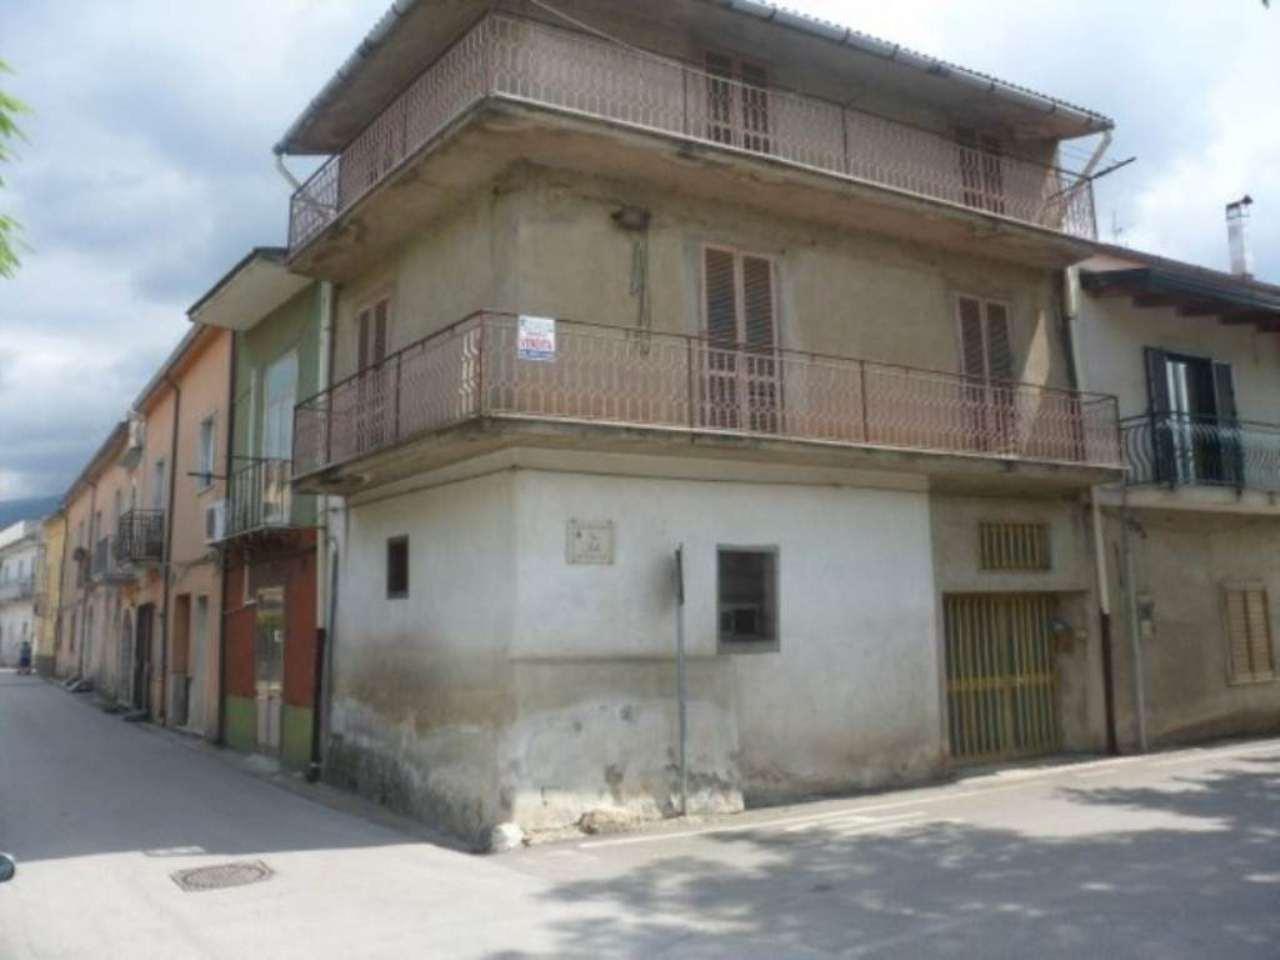 Soluzione Indipendente in vendita a Moiano, 4 locali, prezzo € 47.000 | CambioCasa.it